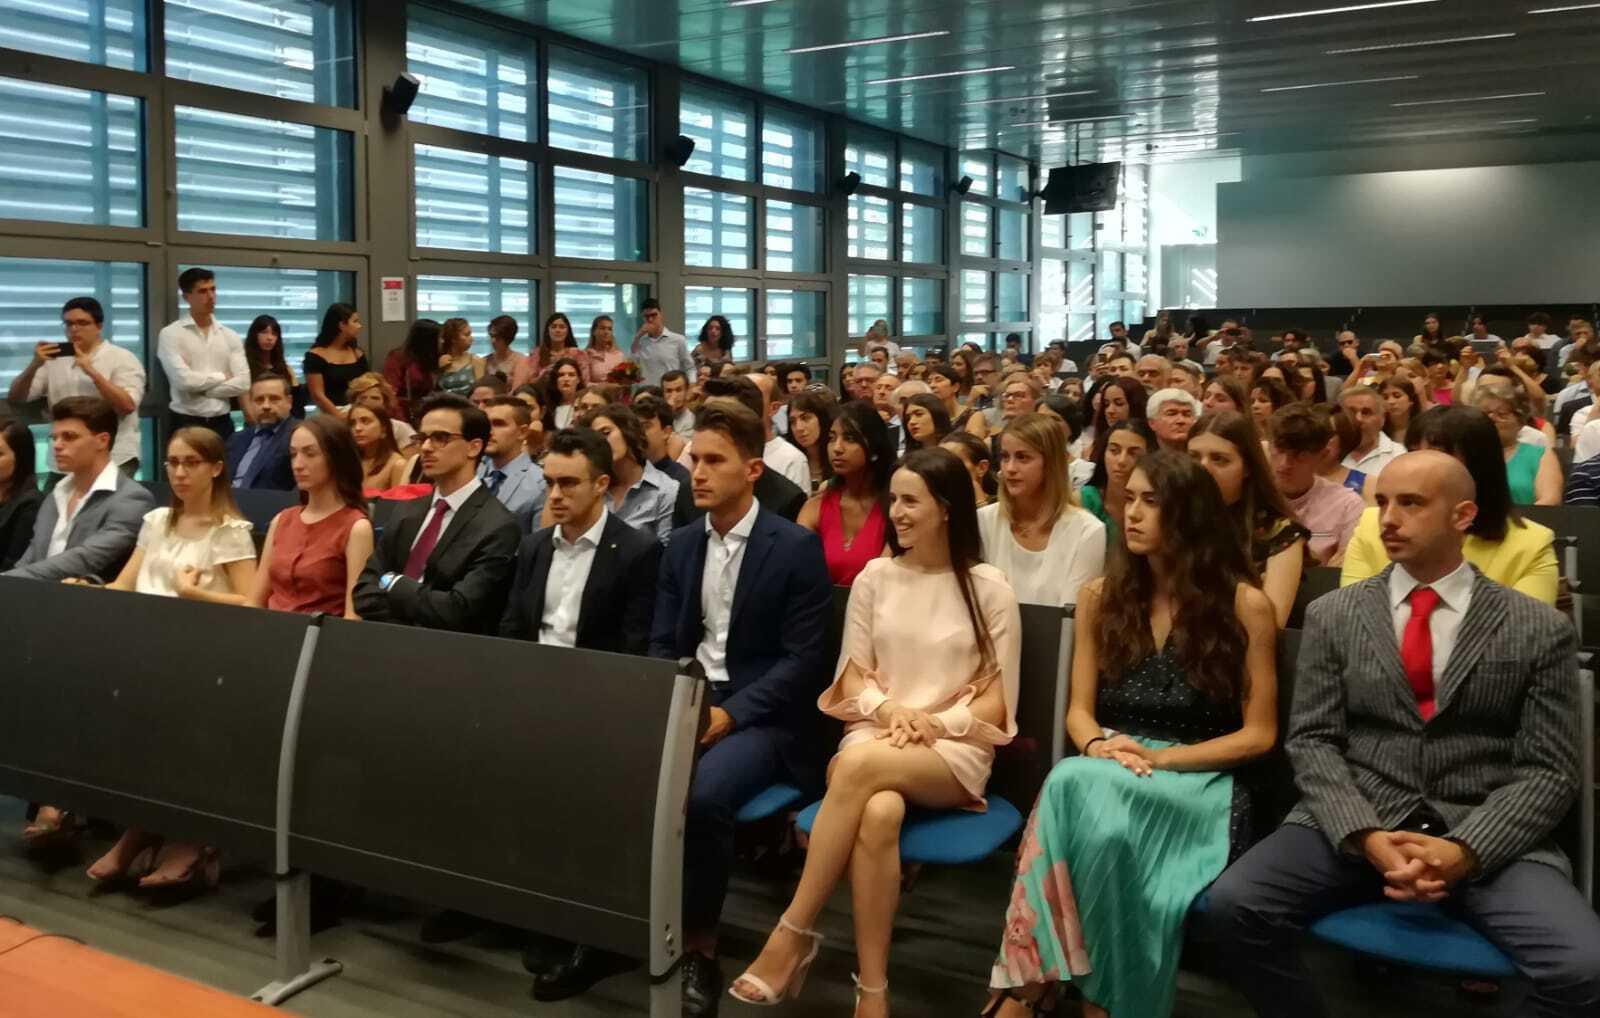 Forlì, ecco i primi 20 laureati del corso di management